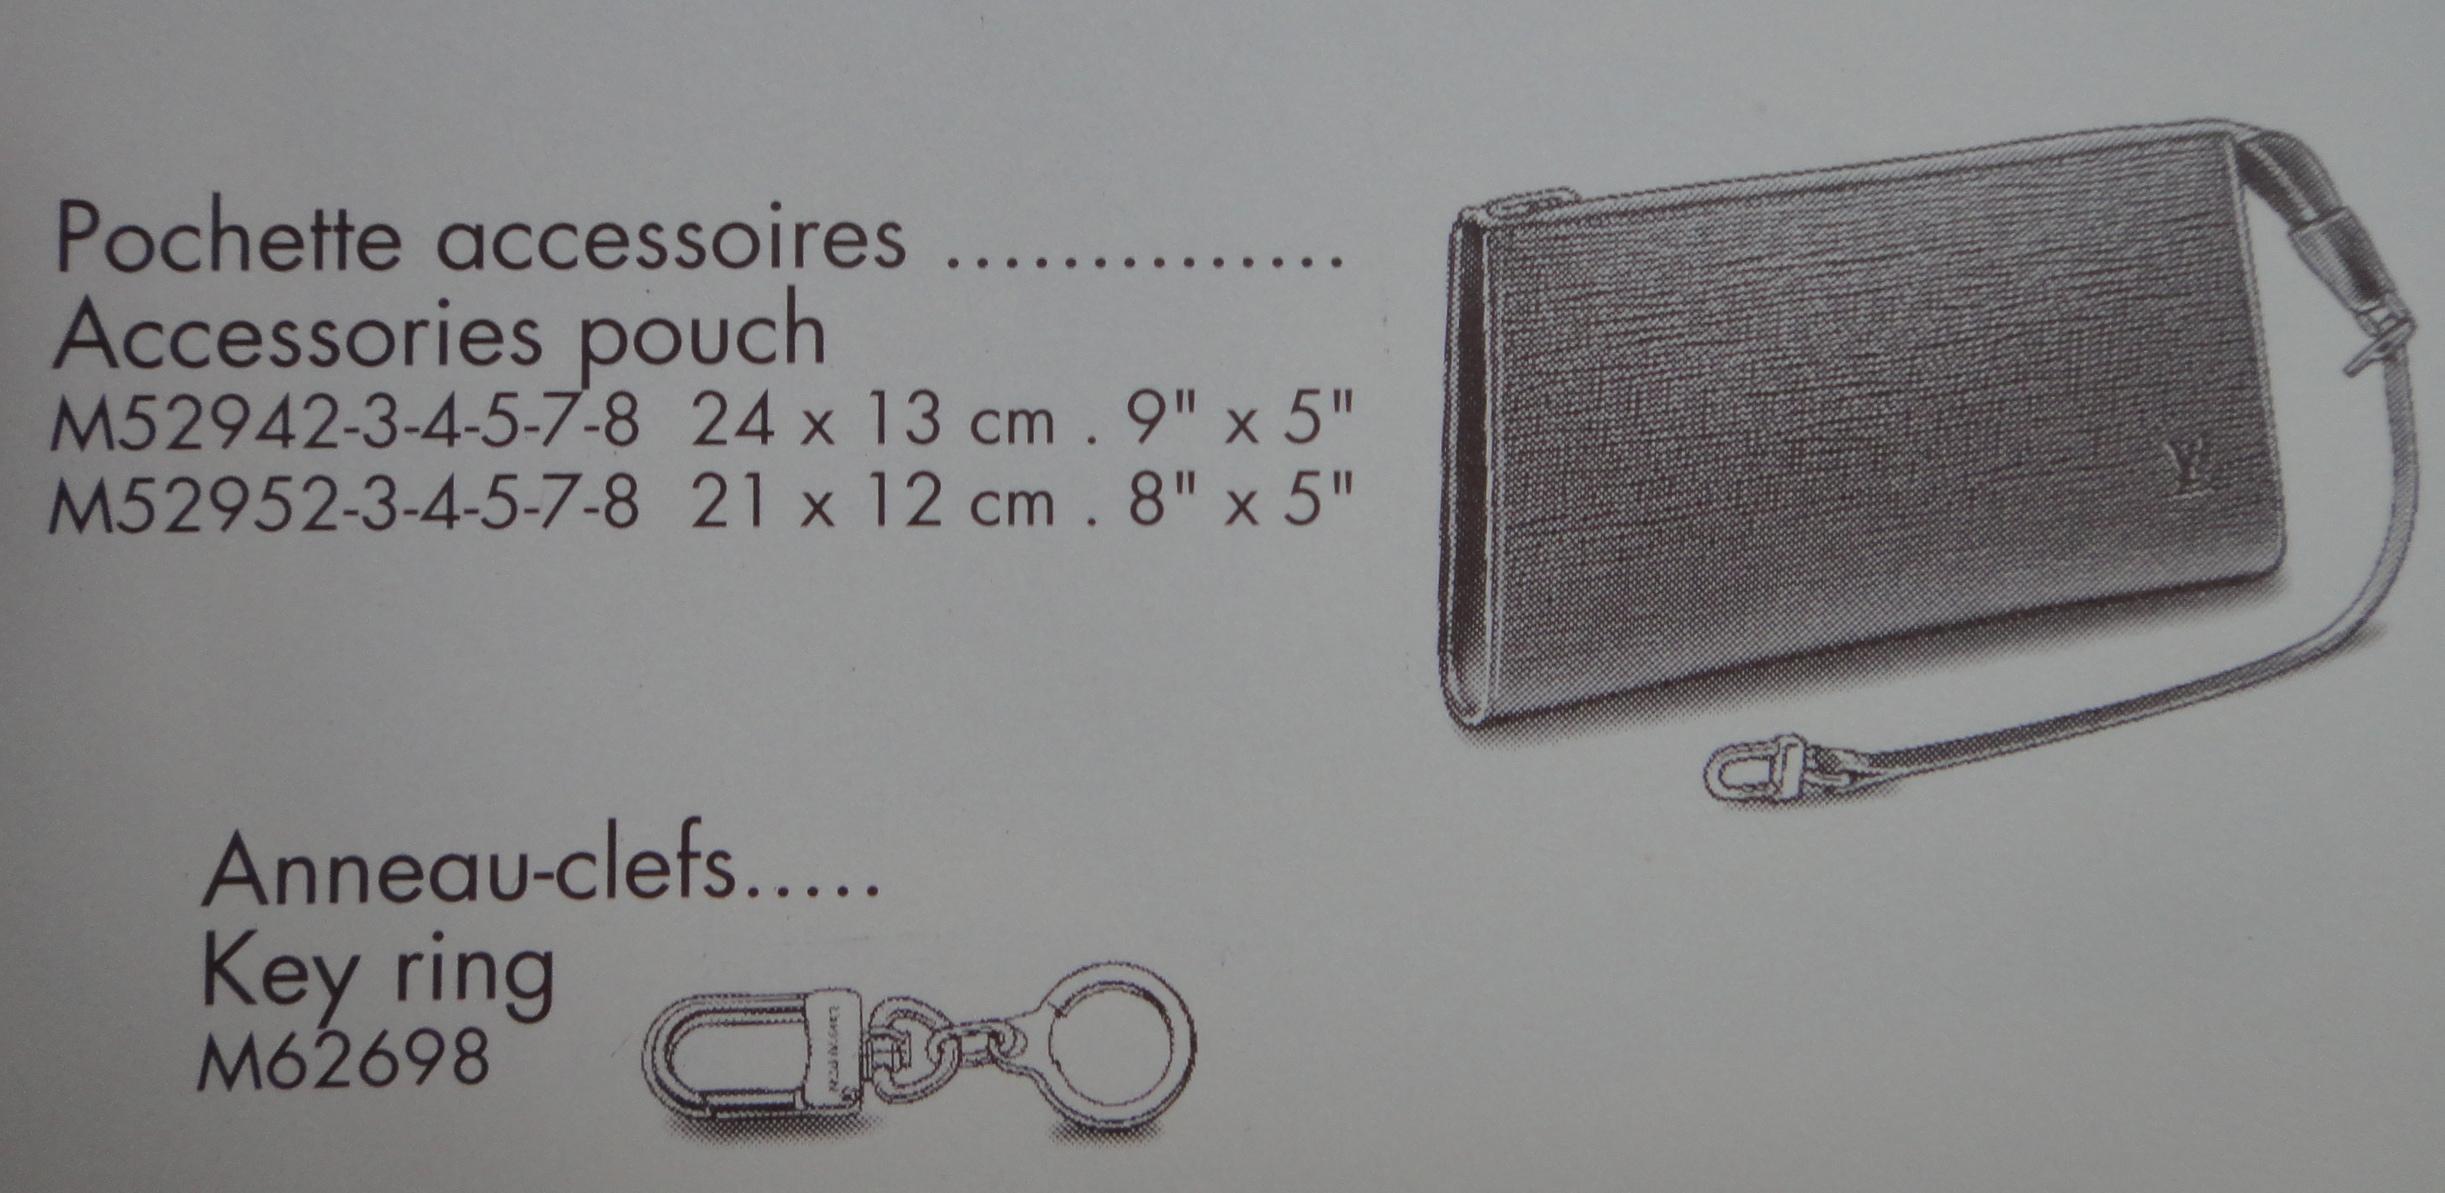 (c) Louis Vuitton LE CATALOGUE 1991